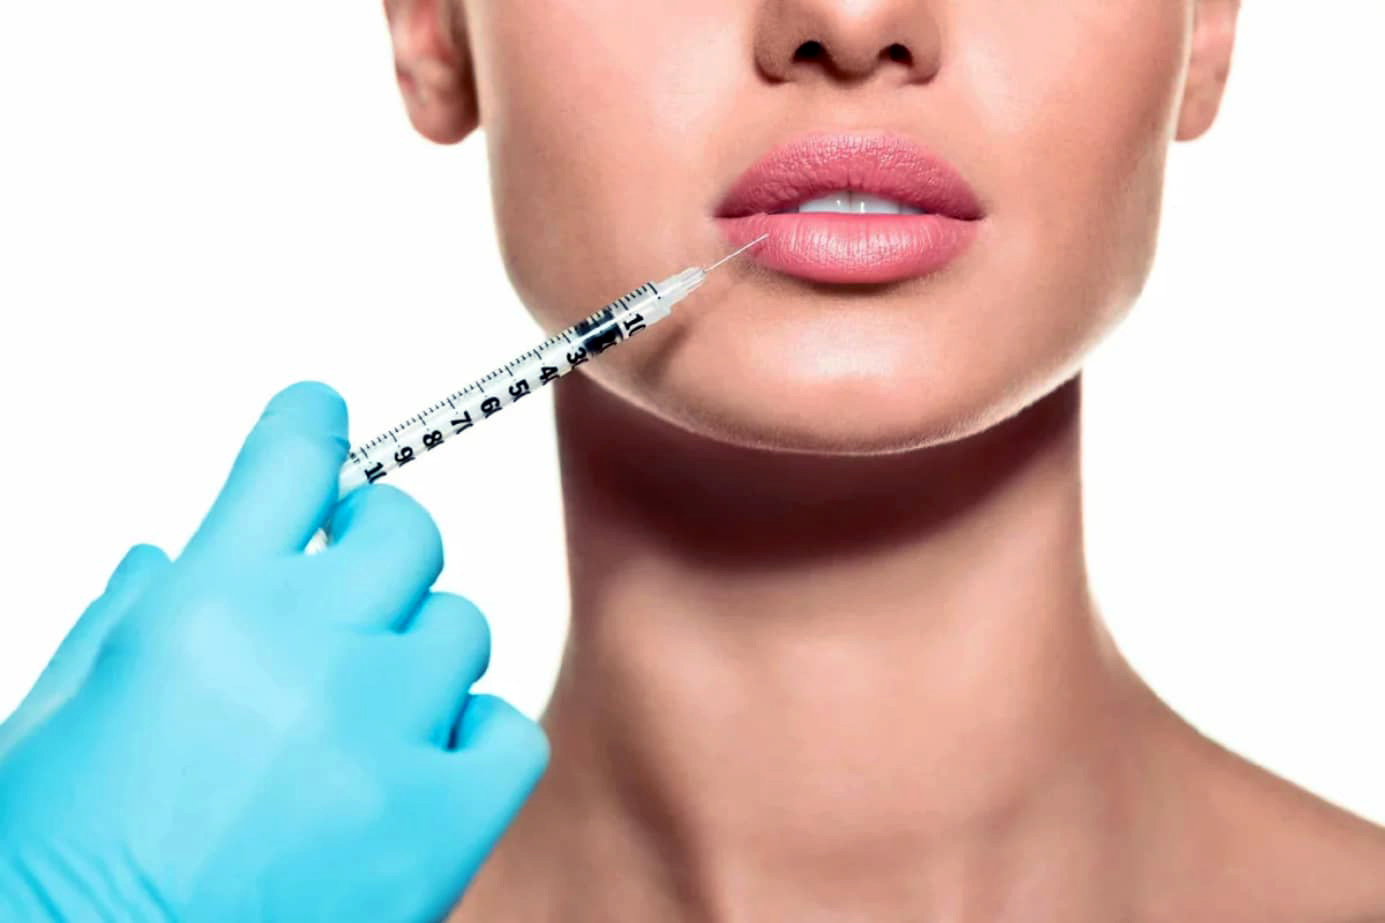 удалить филер из губ